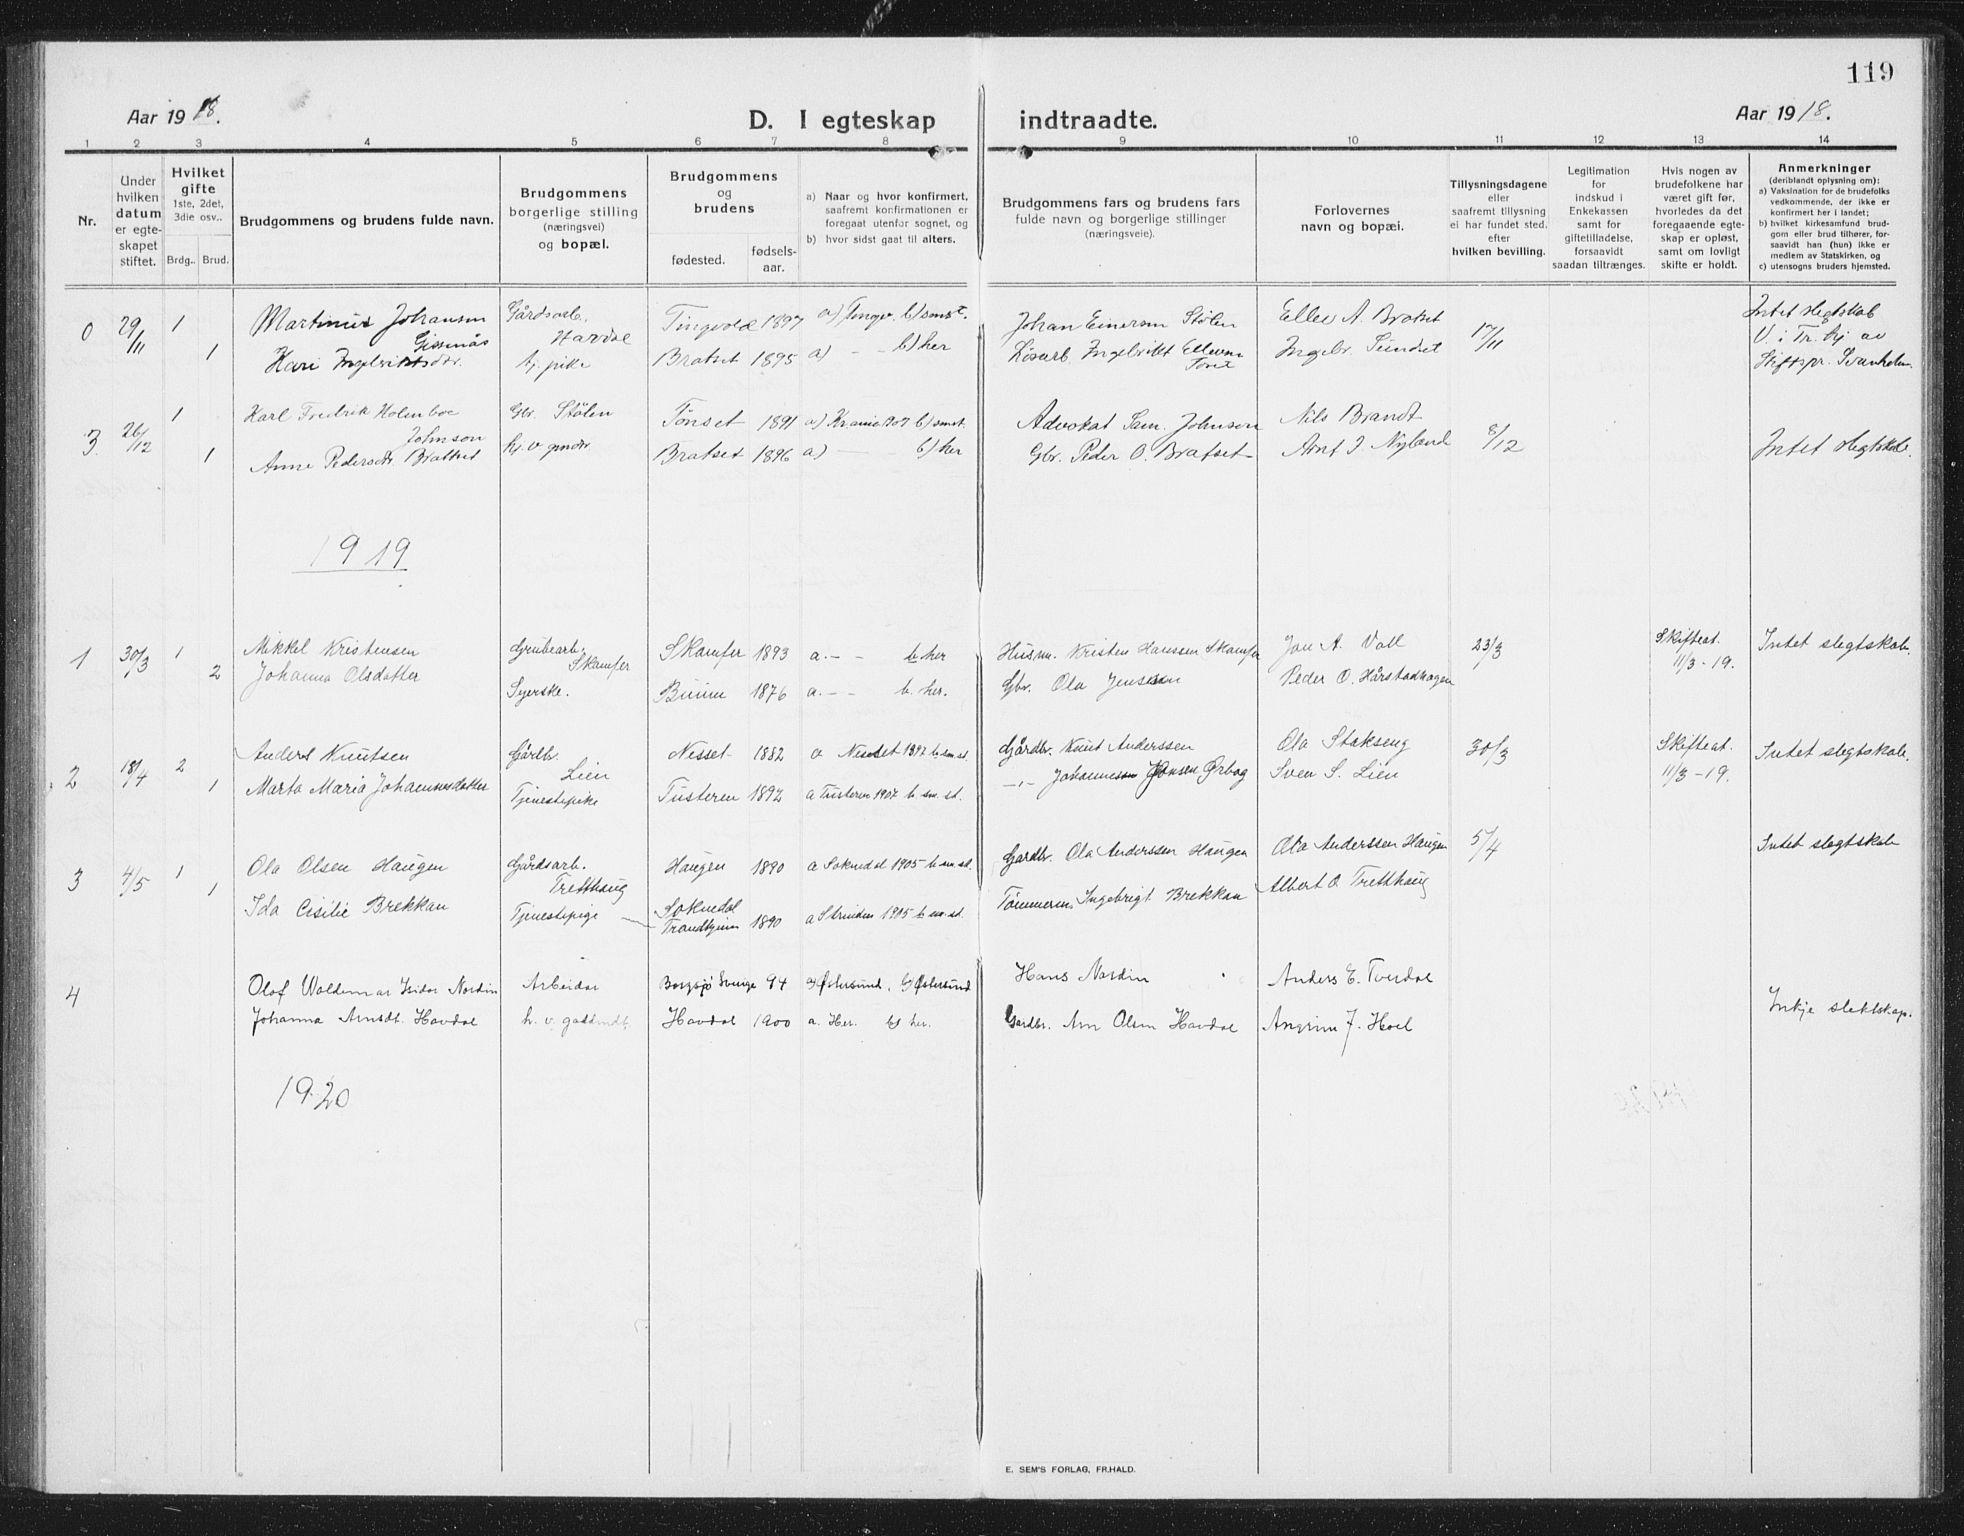 SAT, Ministerialprotokoller, klokkerbøker og fødselsregistre - Sør-Trøndelag, 675/L0888: Klokkerbok nr. 675C01, 1913-1935, s. 119